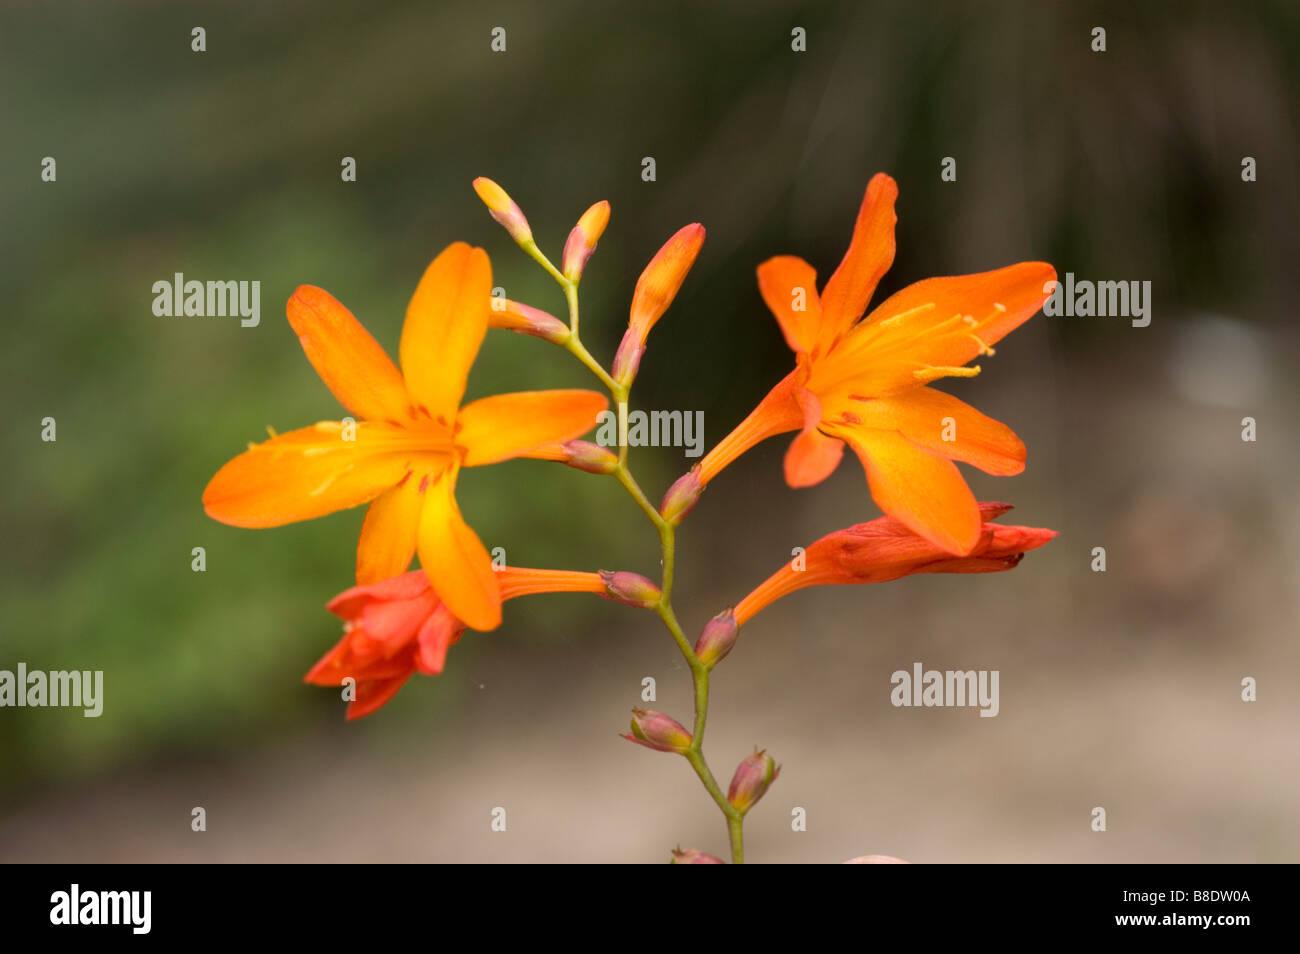 Oragne yellow flowers of Montbretia, Iridaceae, Crocosmia x crocosmiflora - Stock Image